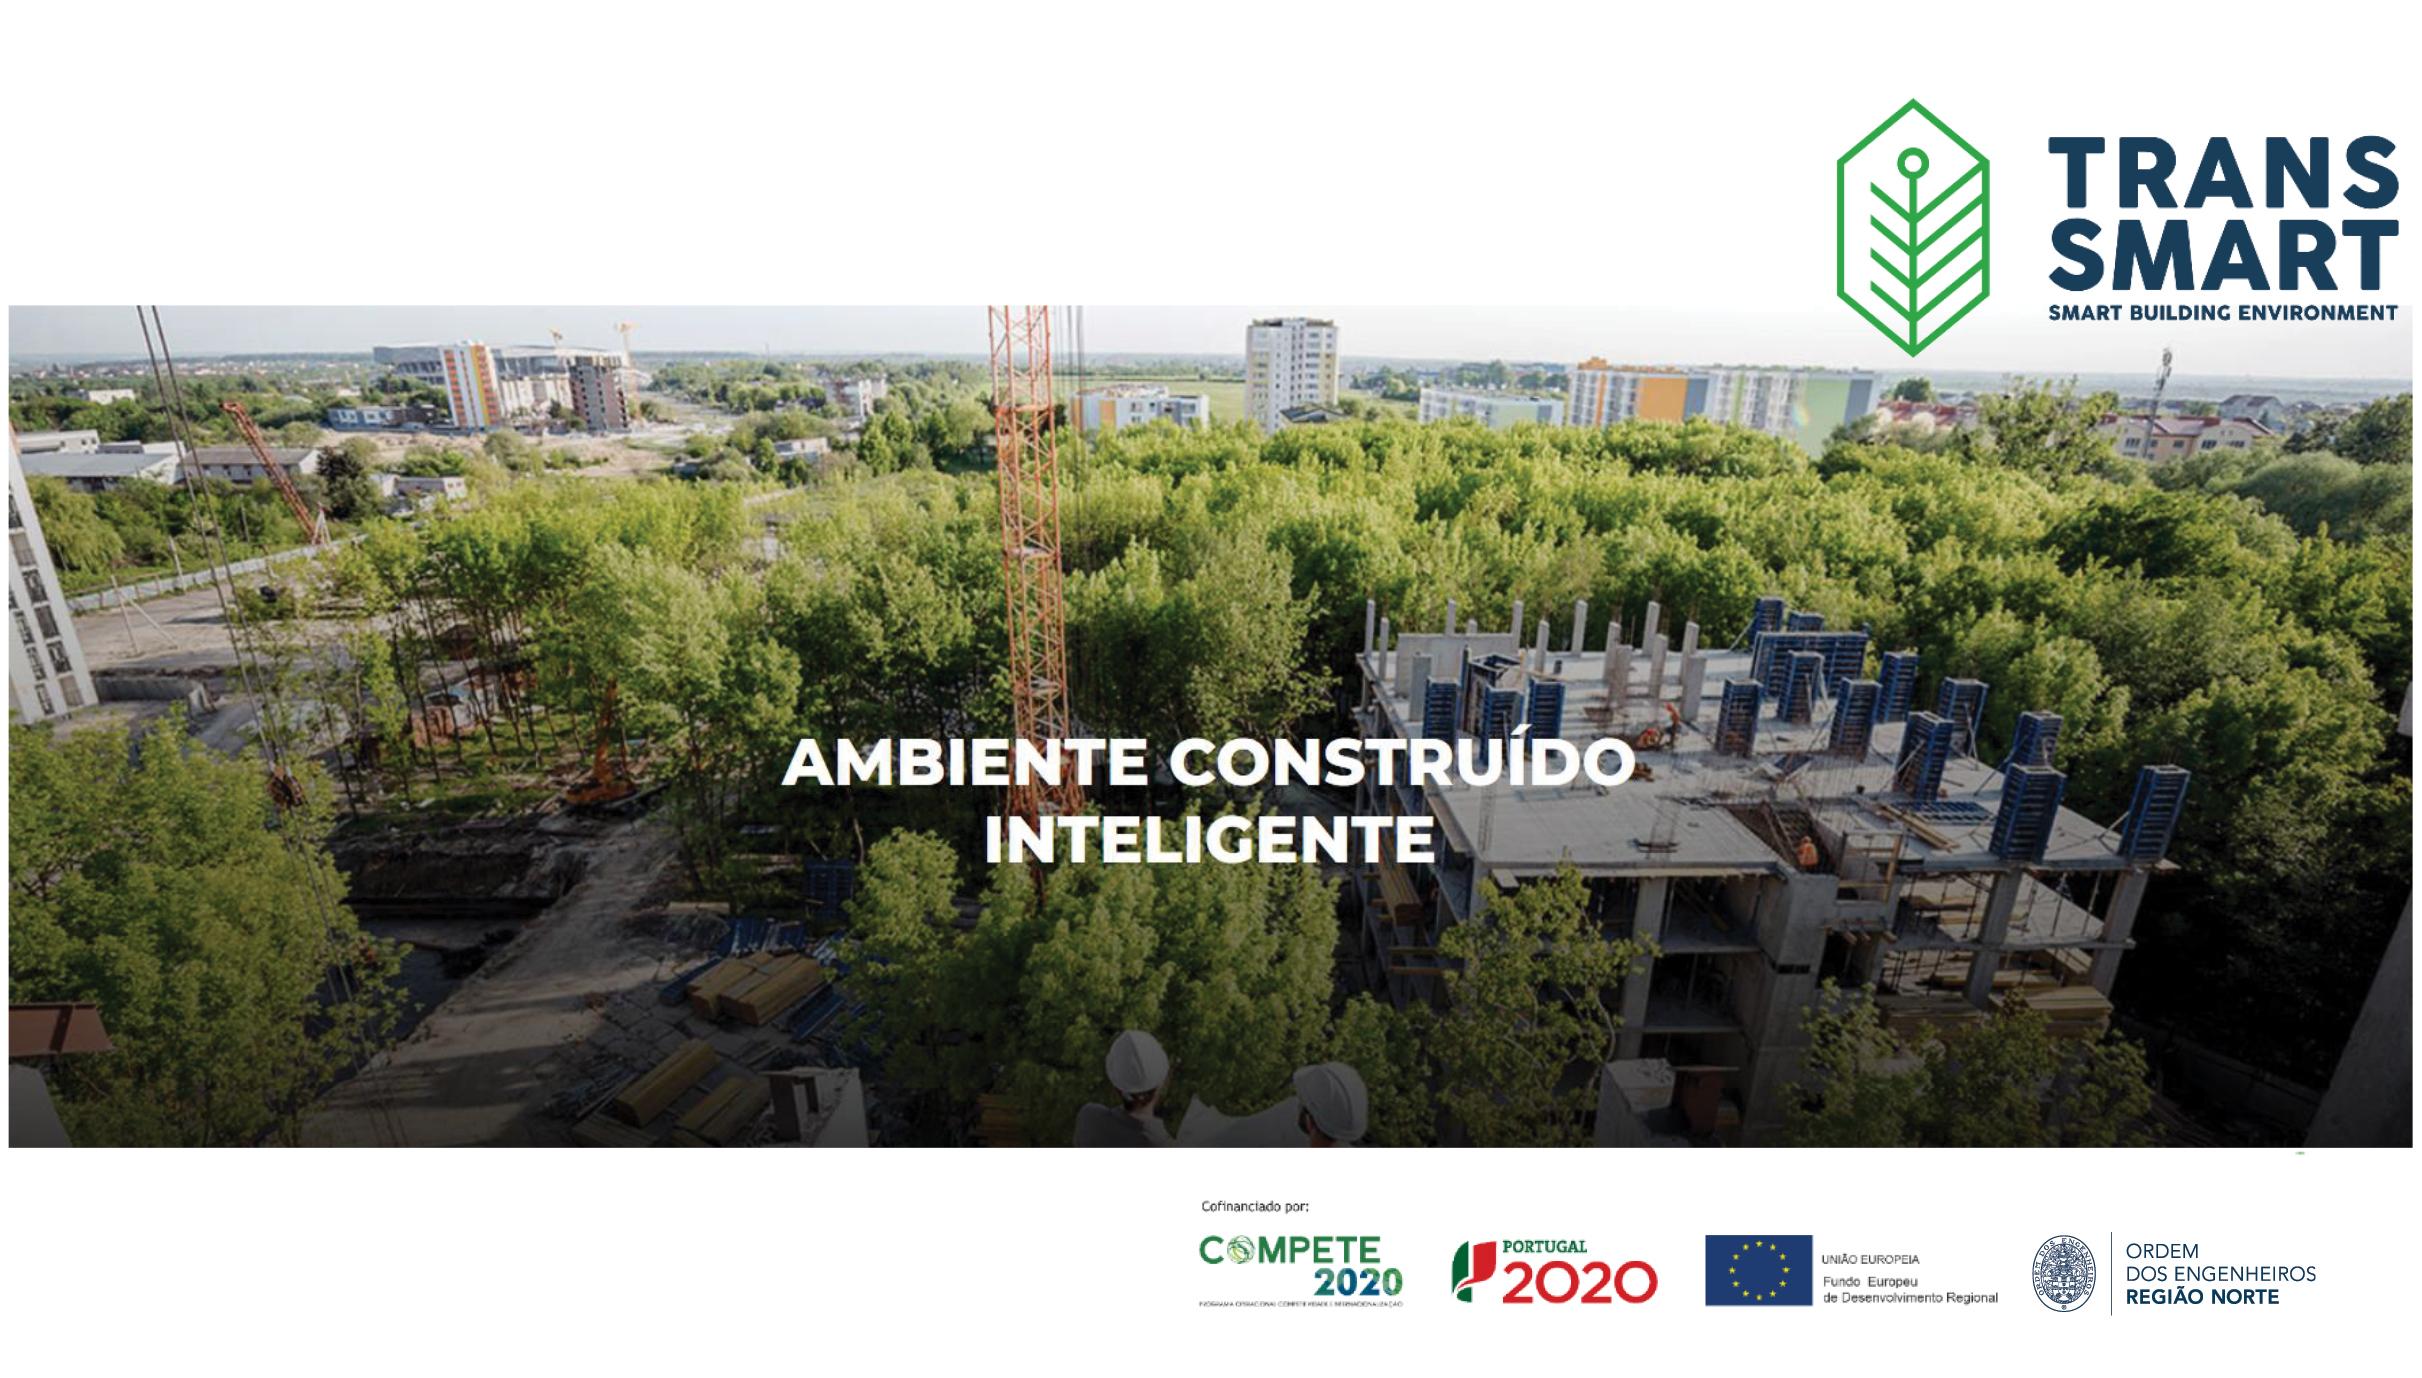 Plataforma Notícias Ordem Engenheiros Região Norte - TransSMART – Ambiente Construído Inteligente